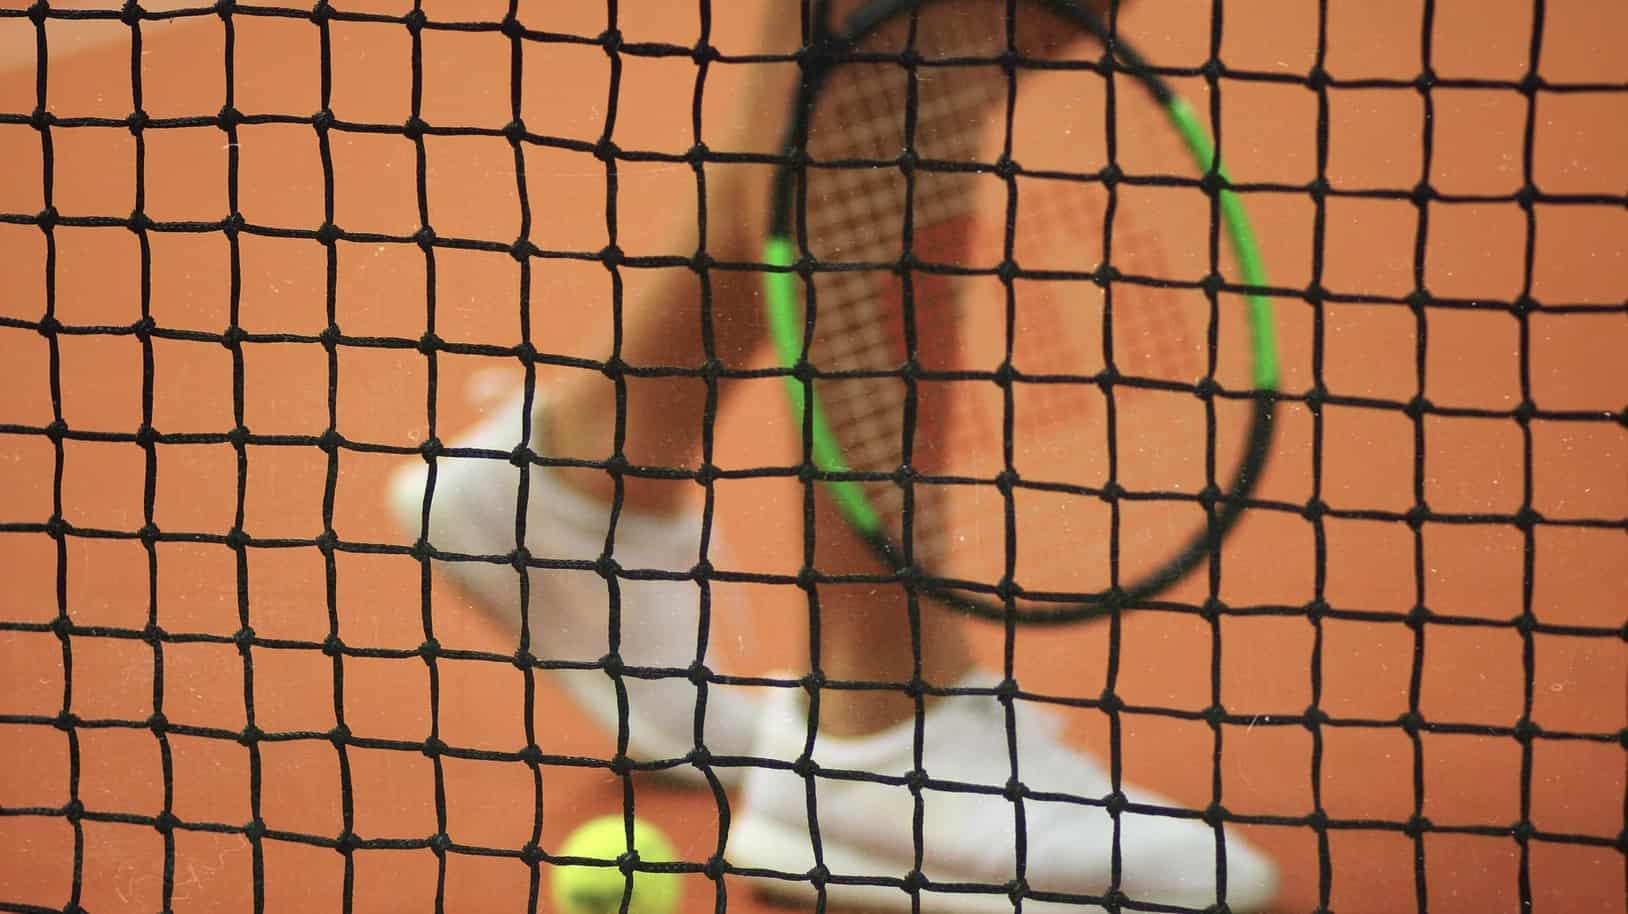 Tenis typy dnia - 4 stycznia (piątek)